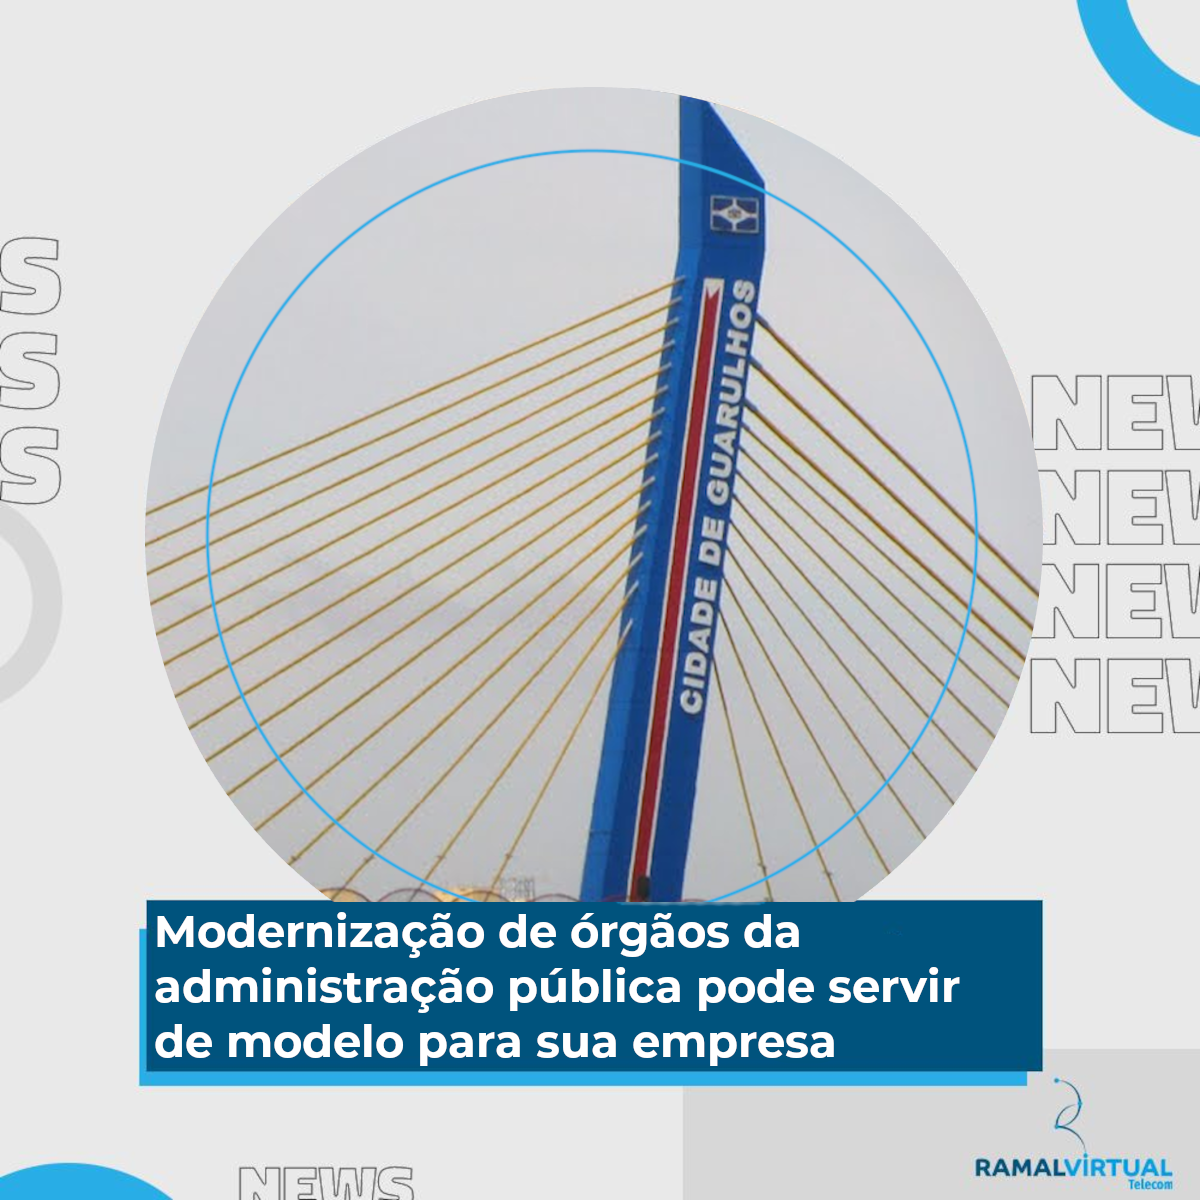 [Modernização de órgãos da administração pública pode servir de modelo para sua empresa]